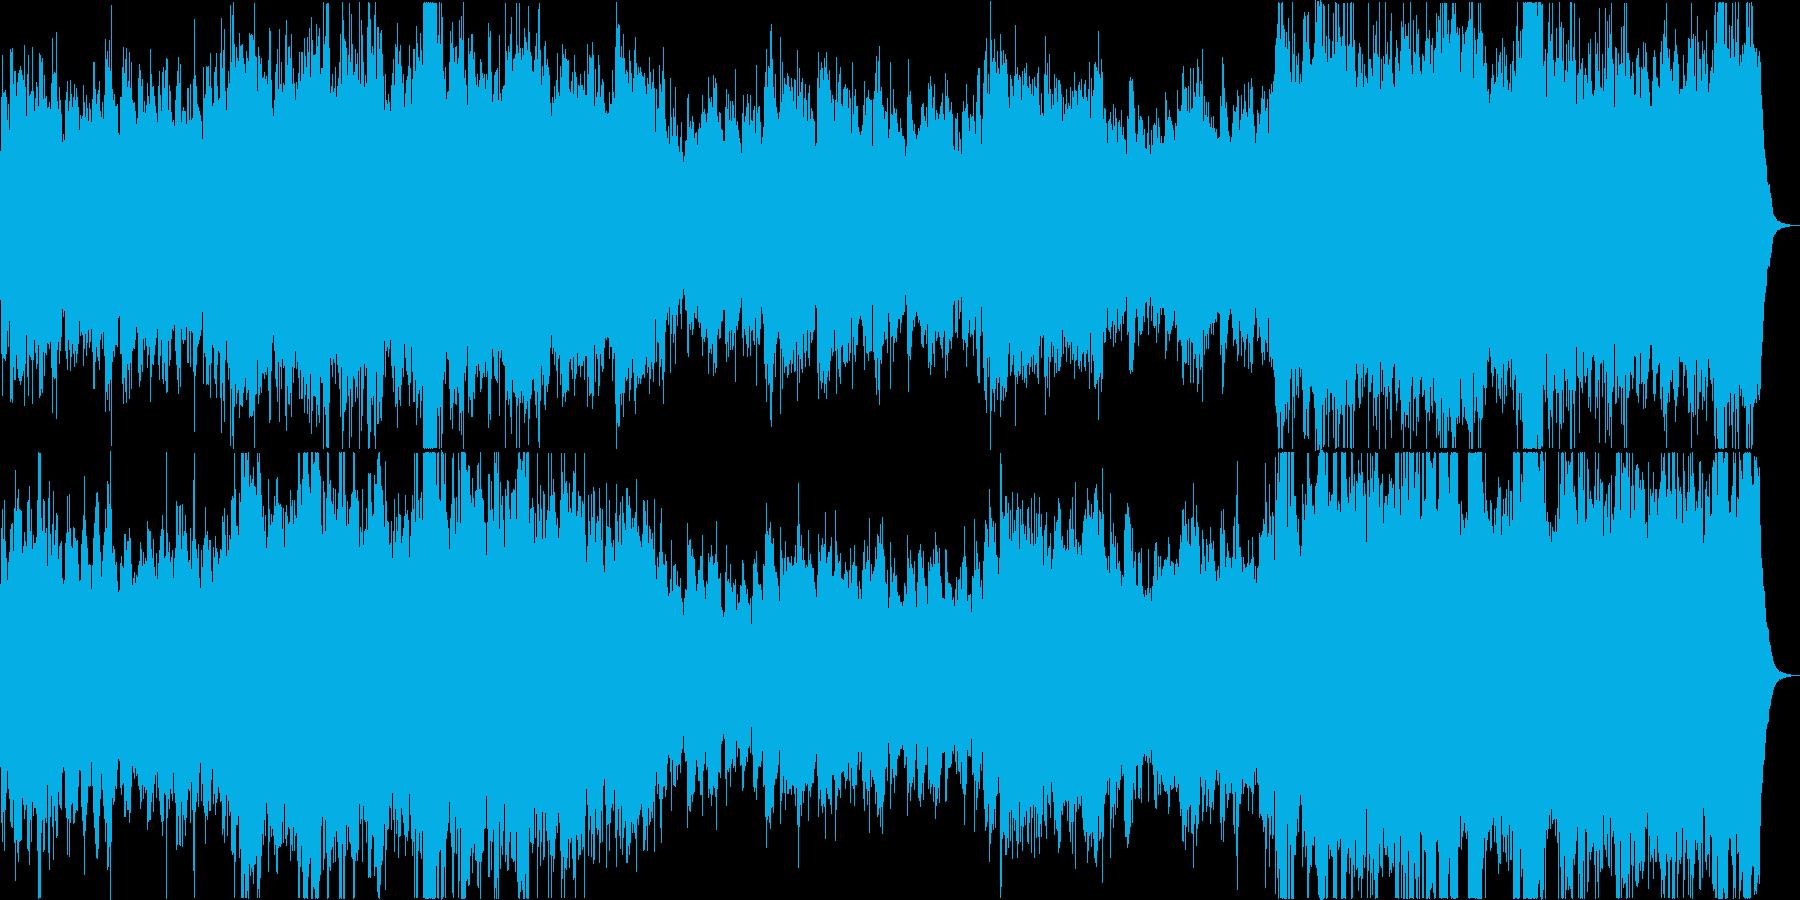 ファンタジー風の壮大なオーケストラ楽曲の再生済みの波形